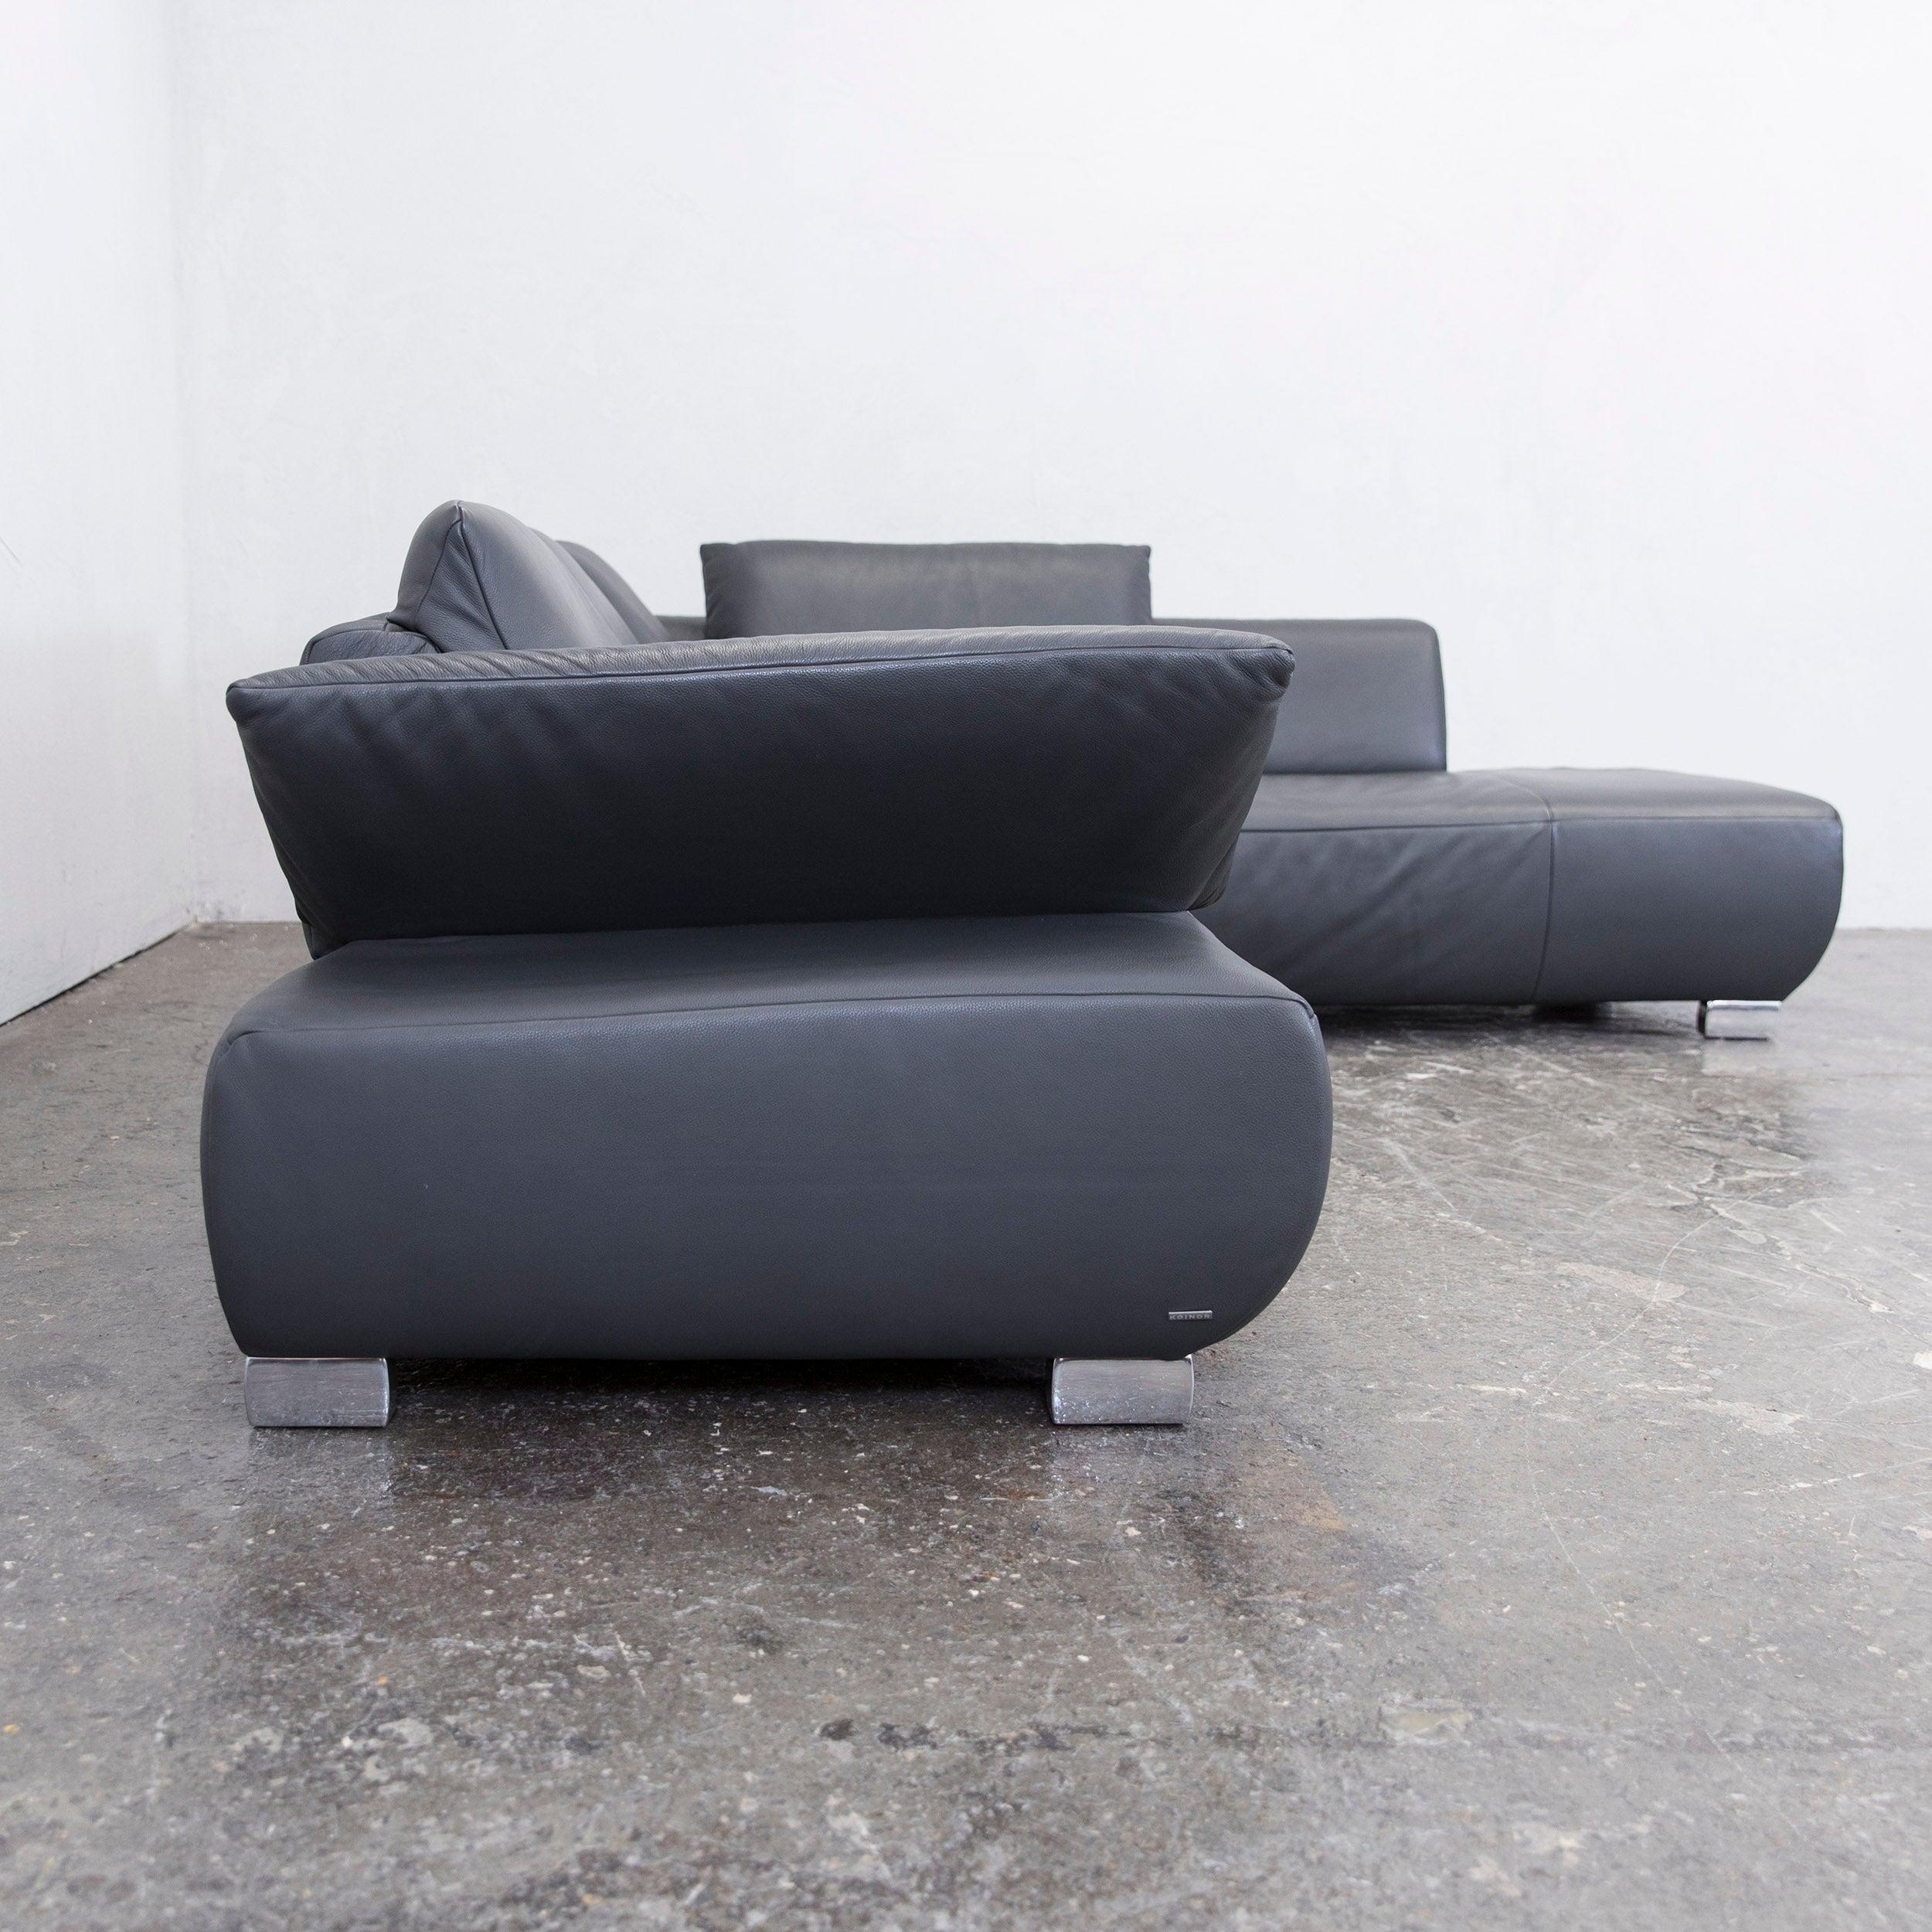 Verführerisch Eckledercouch Foto Von Cheap Koinor Volare Leather Corner Sofa Grey